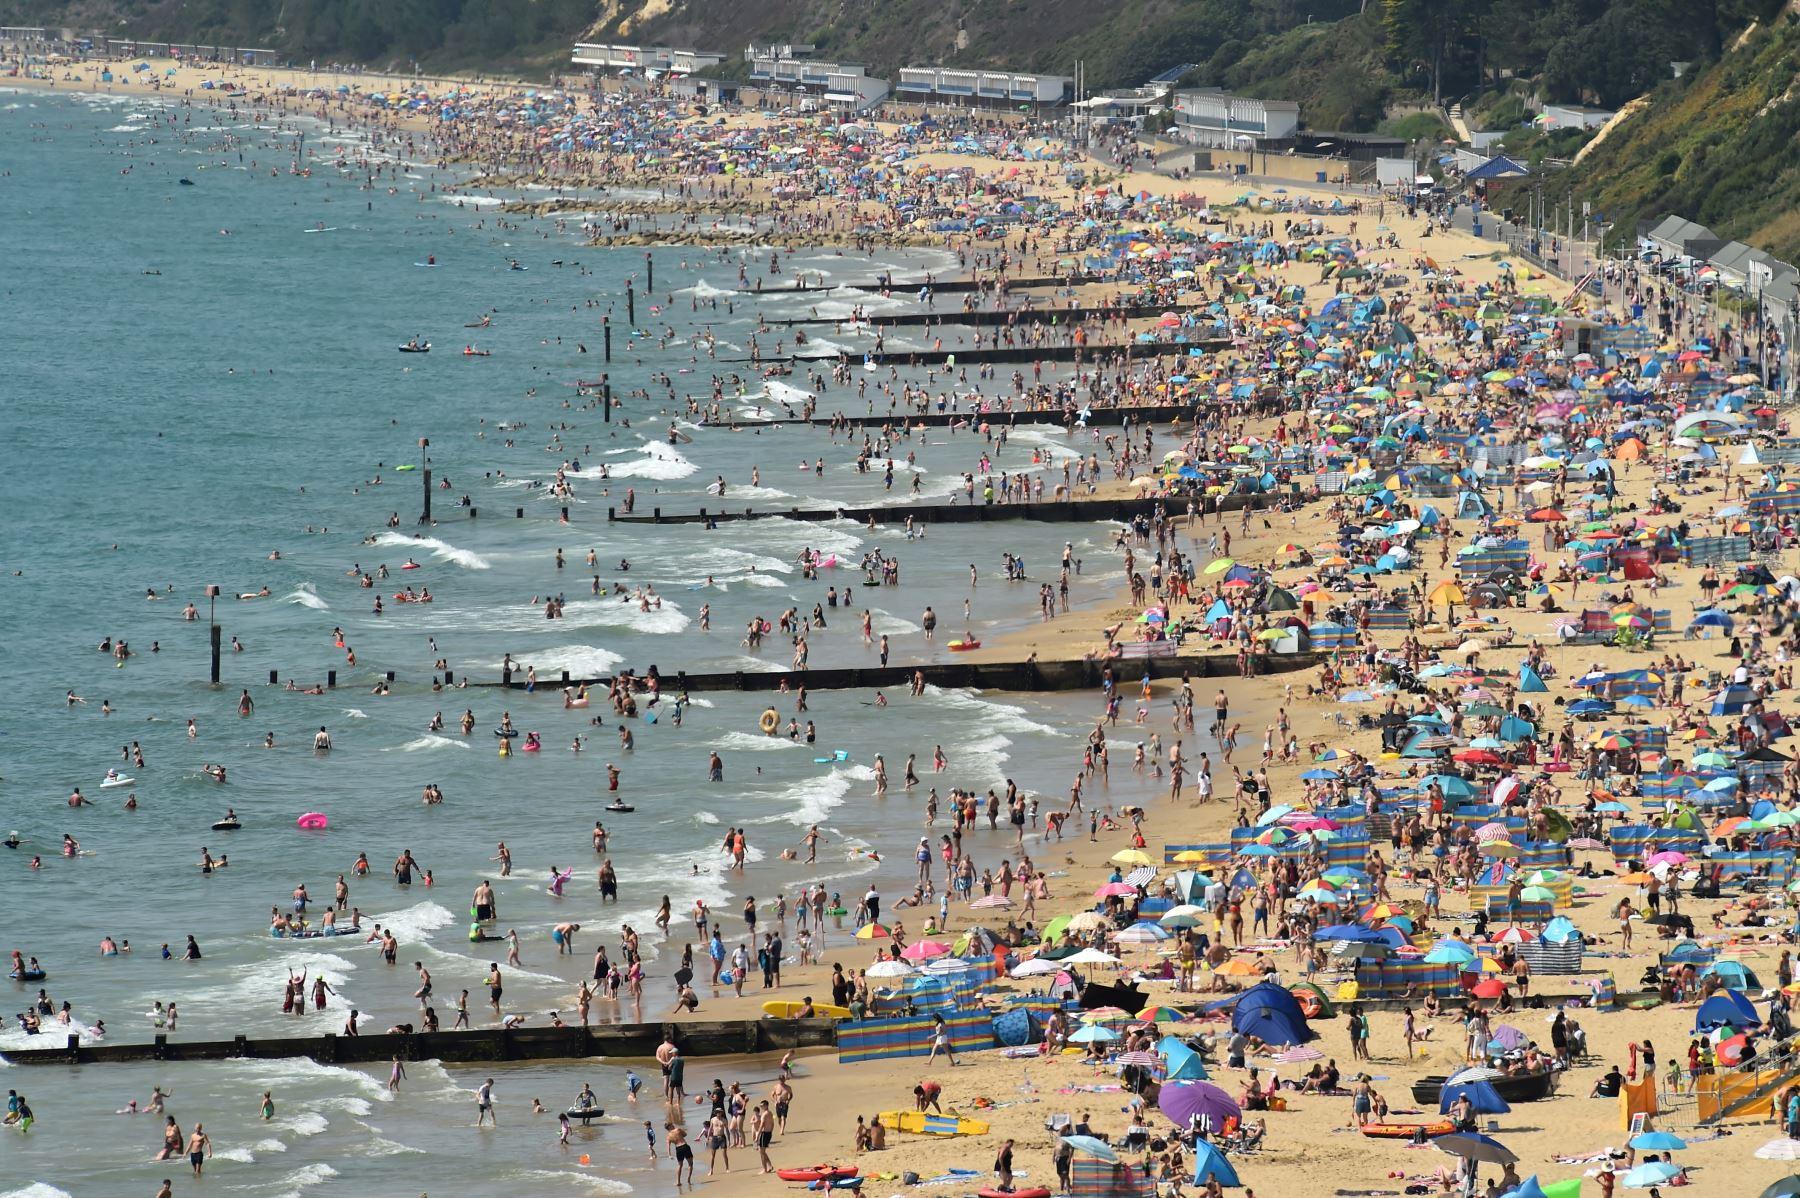 Los amantes de la playa disfrutan del sol en la playa de Bournemouth, en Inglaterra. Foto: AFP